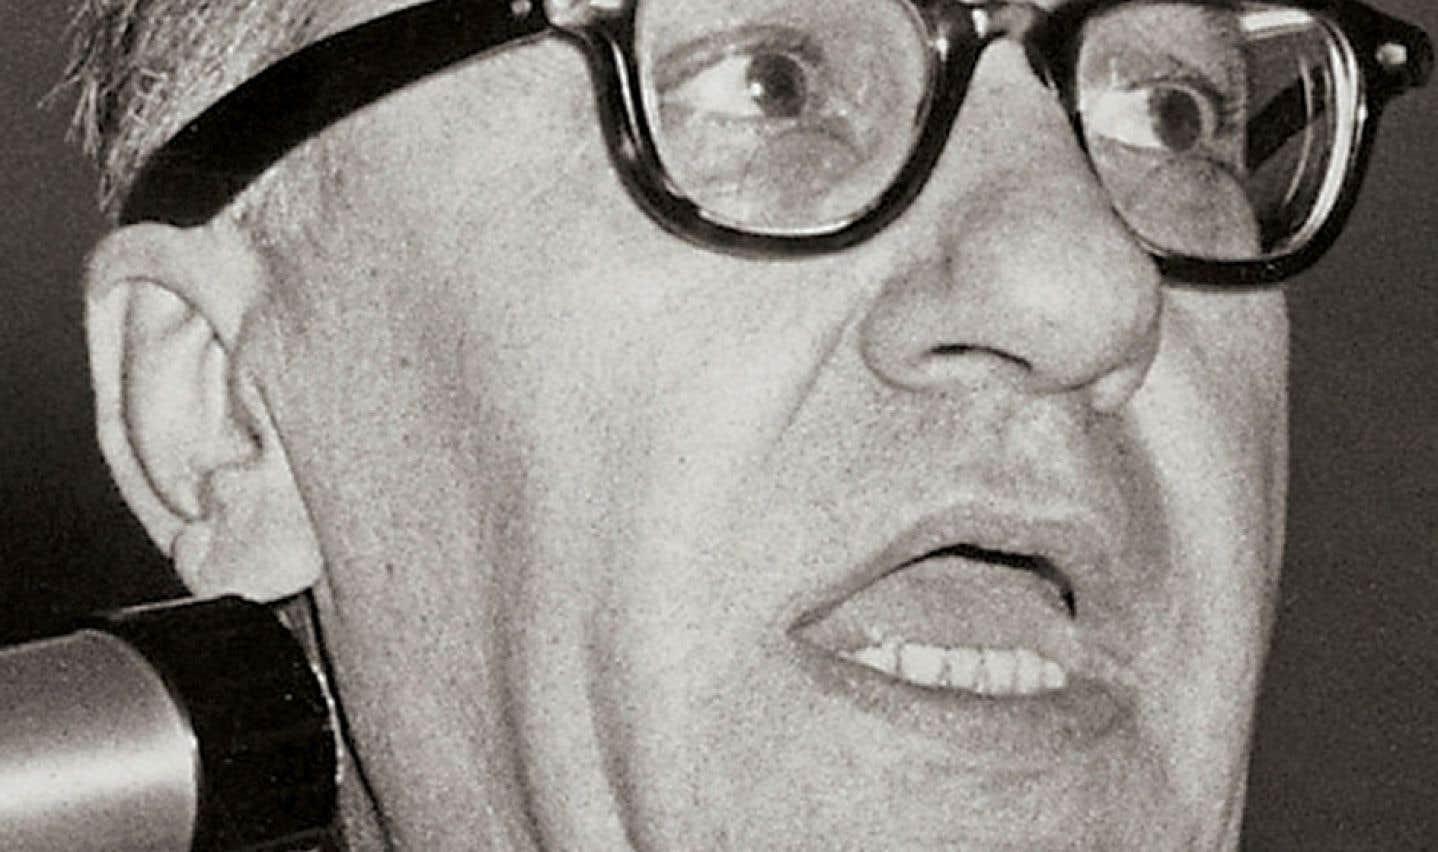 Si Georges-Émile Lapalme (1907-1985) a su fixer une tradition autonomiste aux libéraux provinciaux, l'échec de chaque tentative visant à réformer le fédéralisme a montré les limites structurelles du natio nalisme de province.